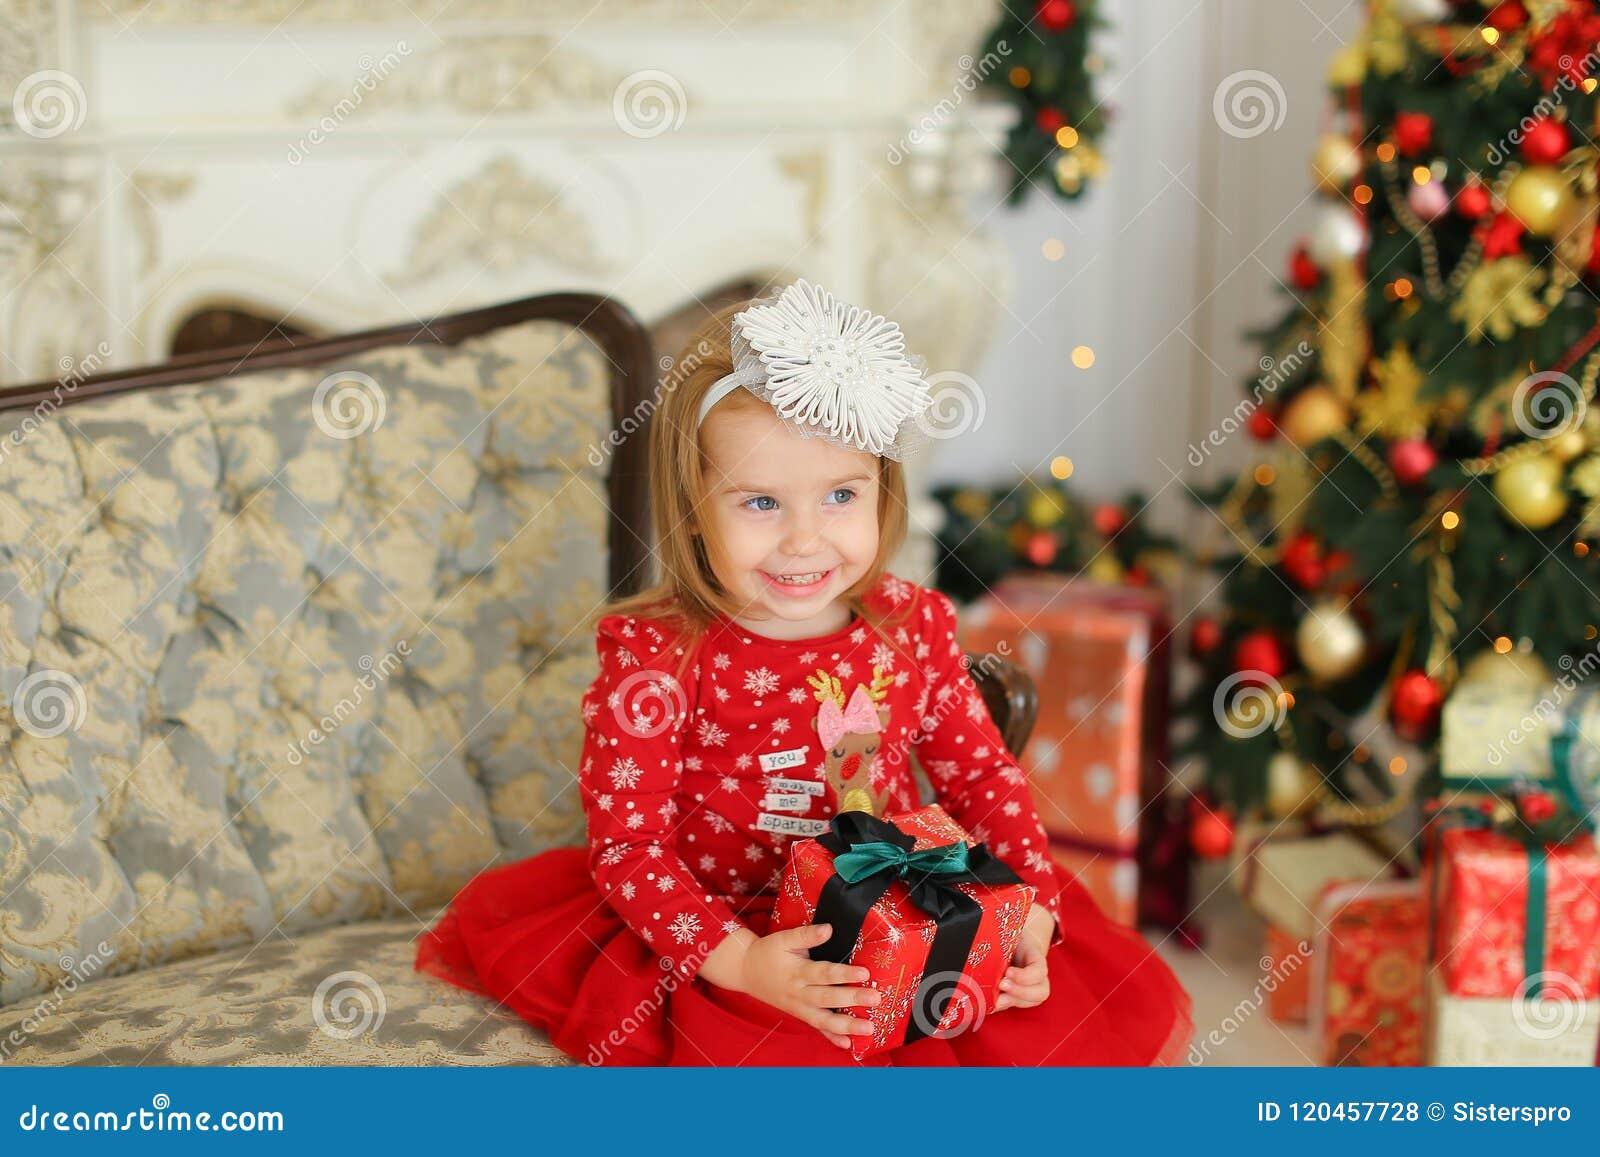 La petite fille portant la robe rouge, gardant le cadeau et s asseyant sur le sofa près a décoré la cheminée